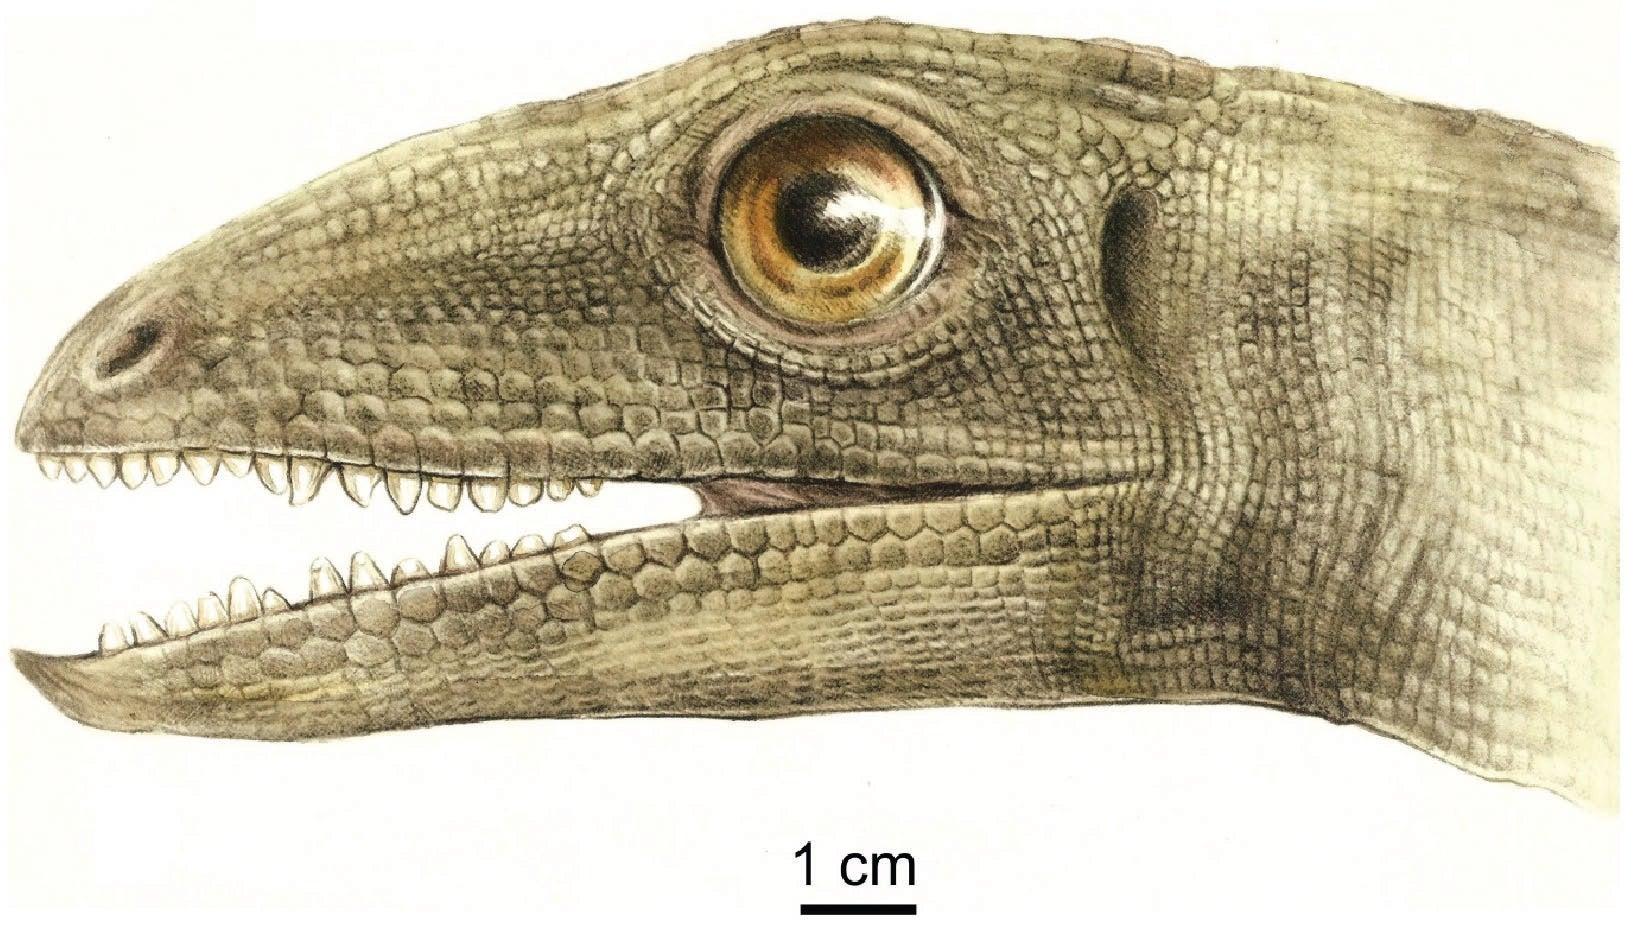 An artist's depiction of Silesaurus.